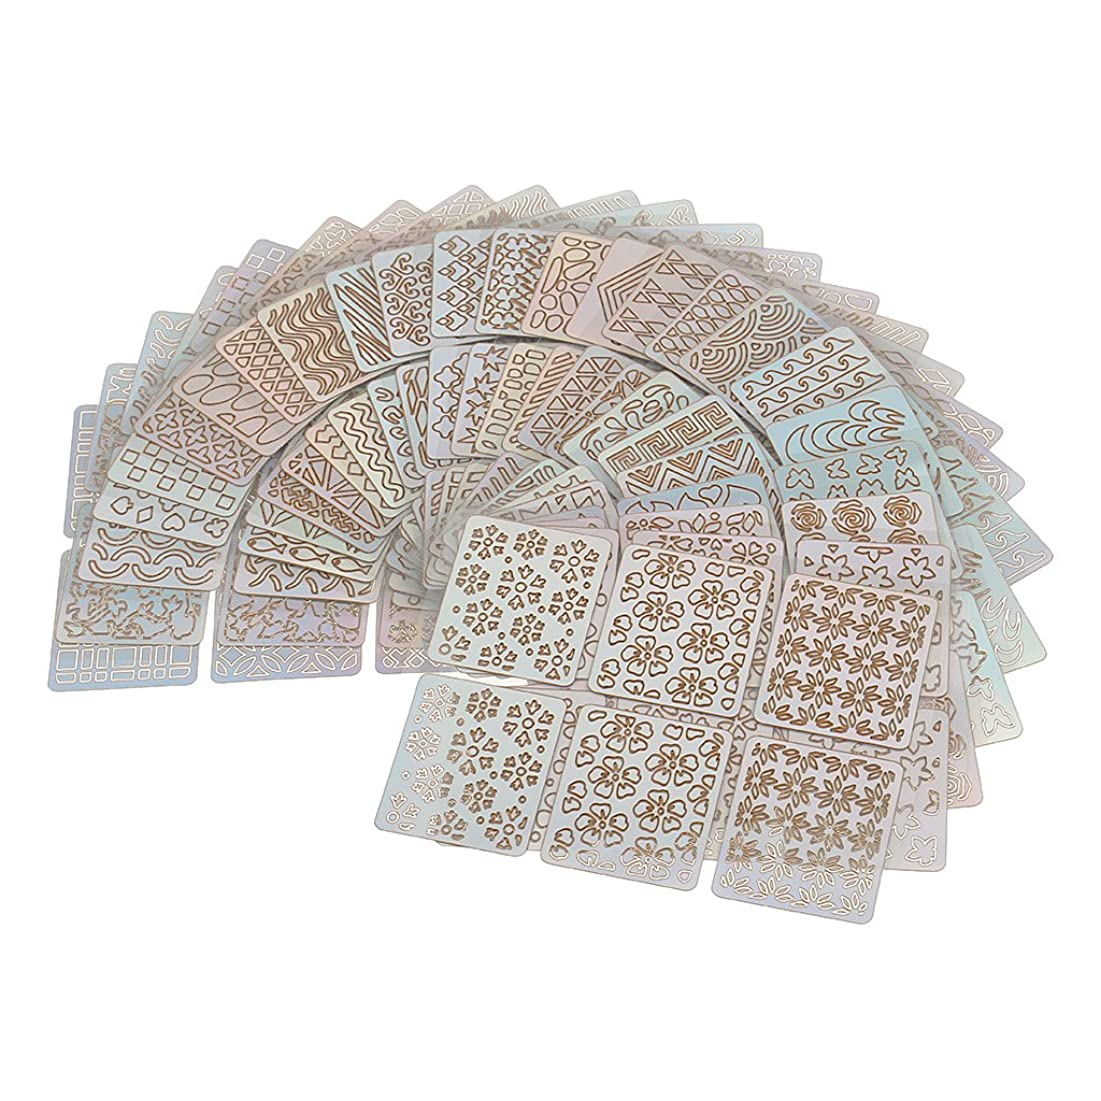 署名尊敬突破口Perfk 24個 ネイルアート チップ テープ ガイド ステンシル 中空 ステッカー マニキュア DIY ツール おしゃれ